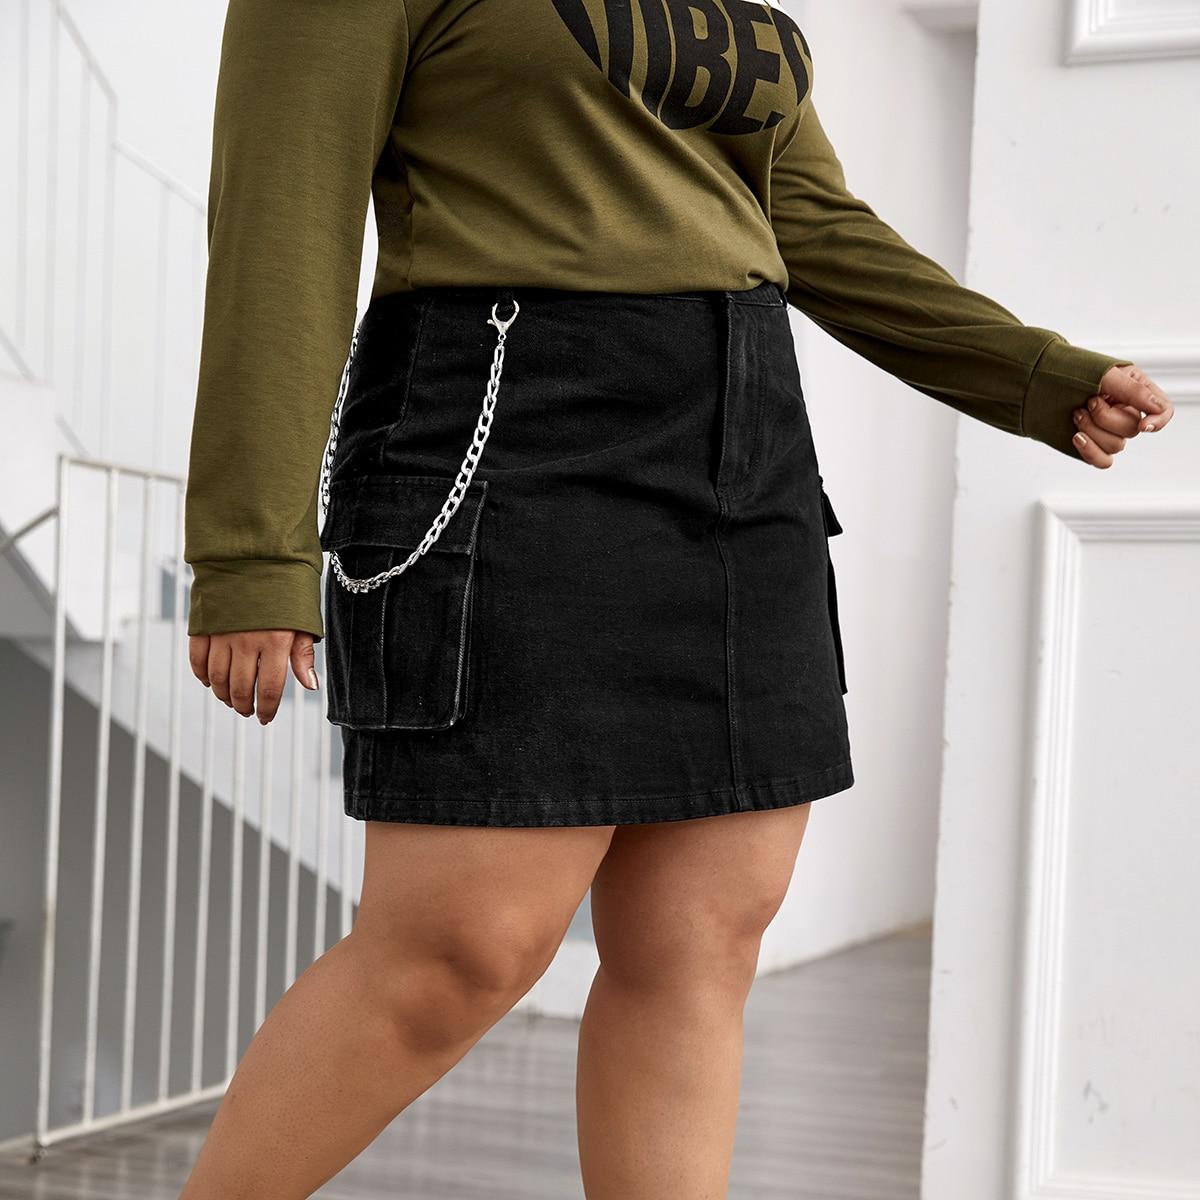 Джинсовая юбка размера плюс с карманом и цепочкой